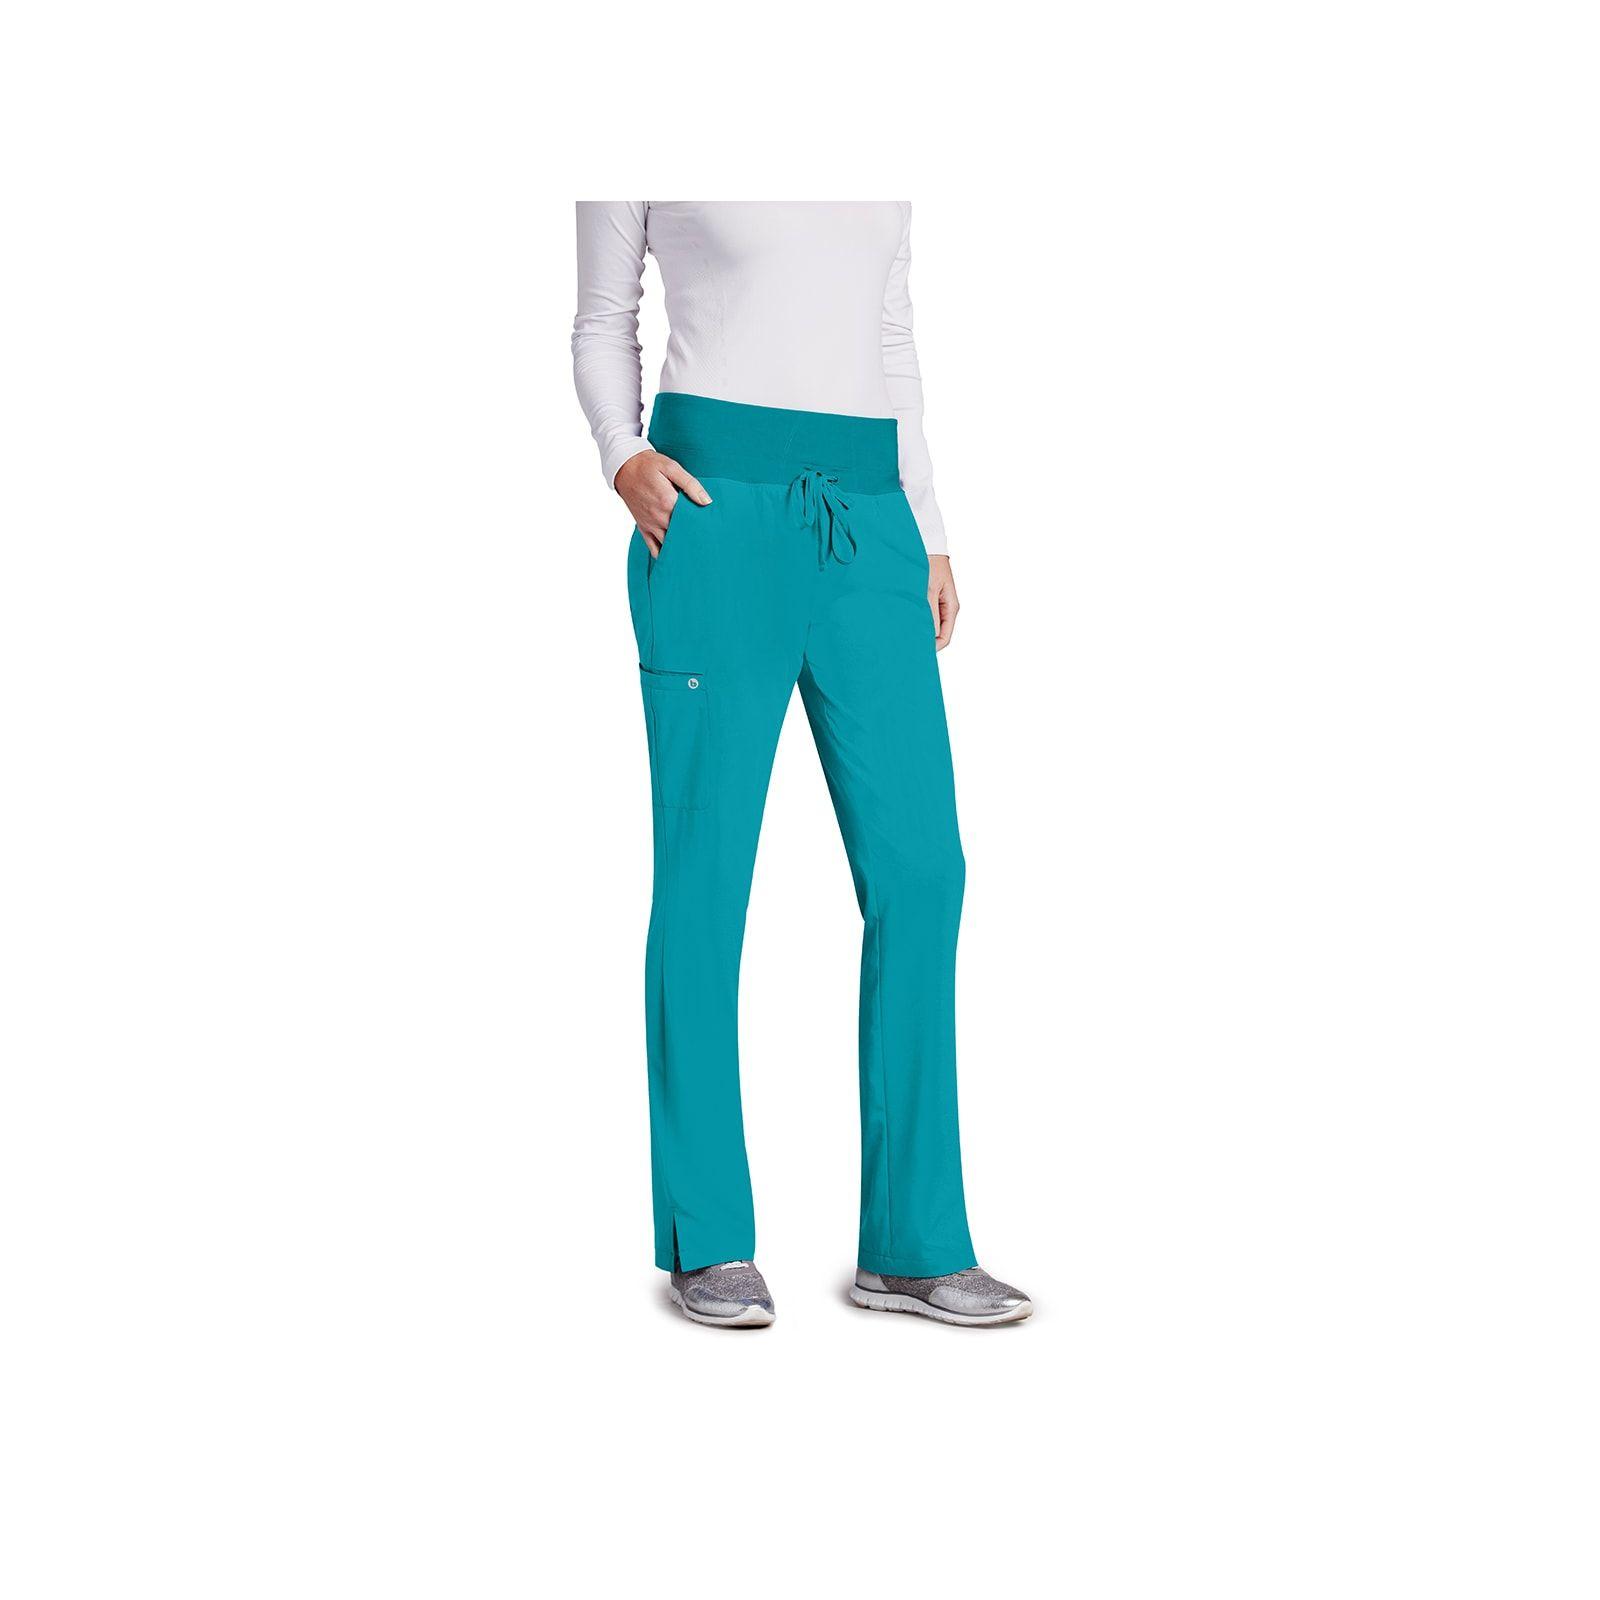 Pantalon médical femme, couleur teal blue vue de face, Barco One (5206)